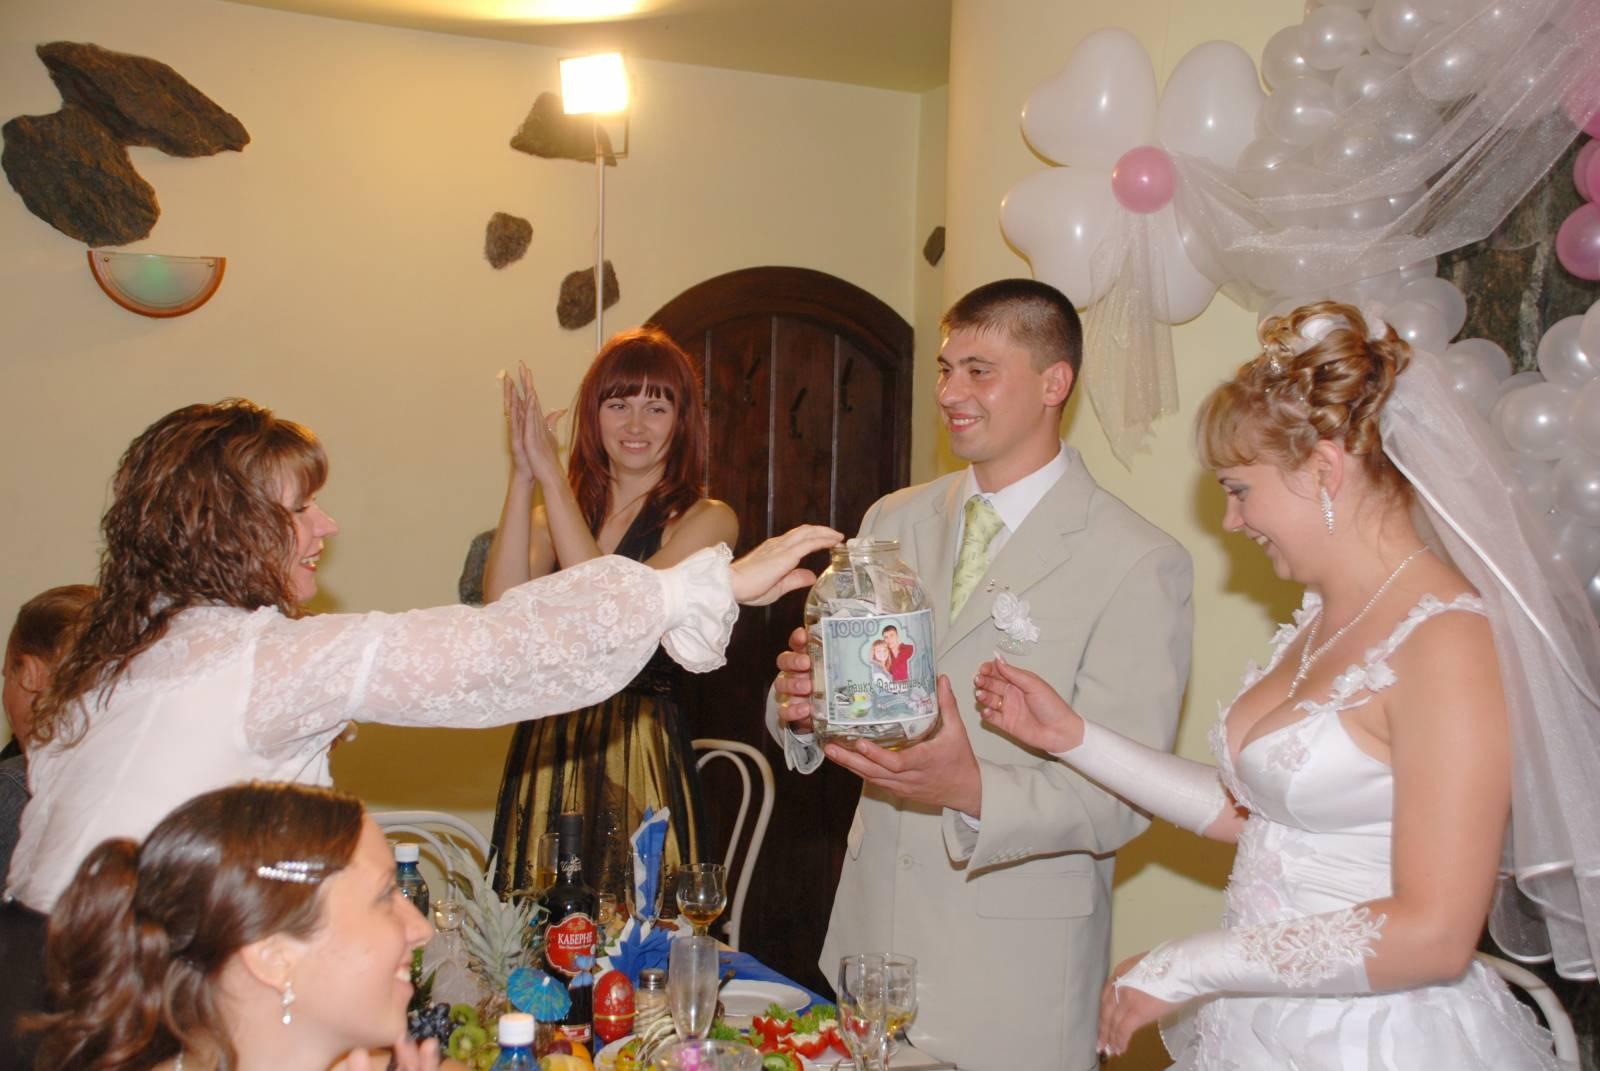 Интересное поздравление на свадьбу фото